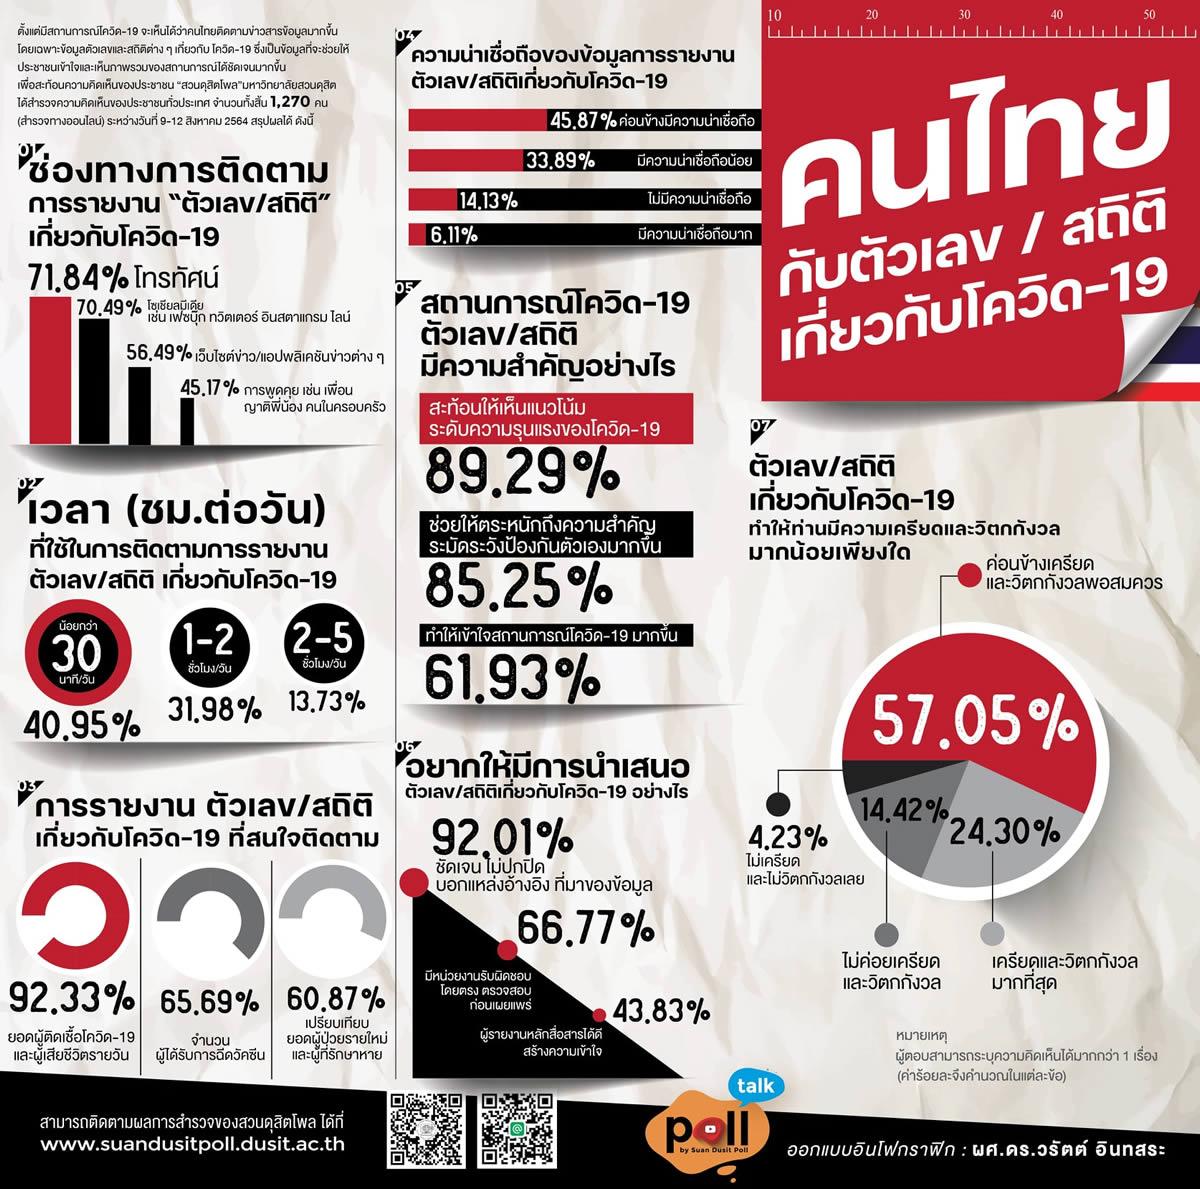 新型コロナ陽性者数と死亡者数に最も強い関心~タイ世論調査